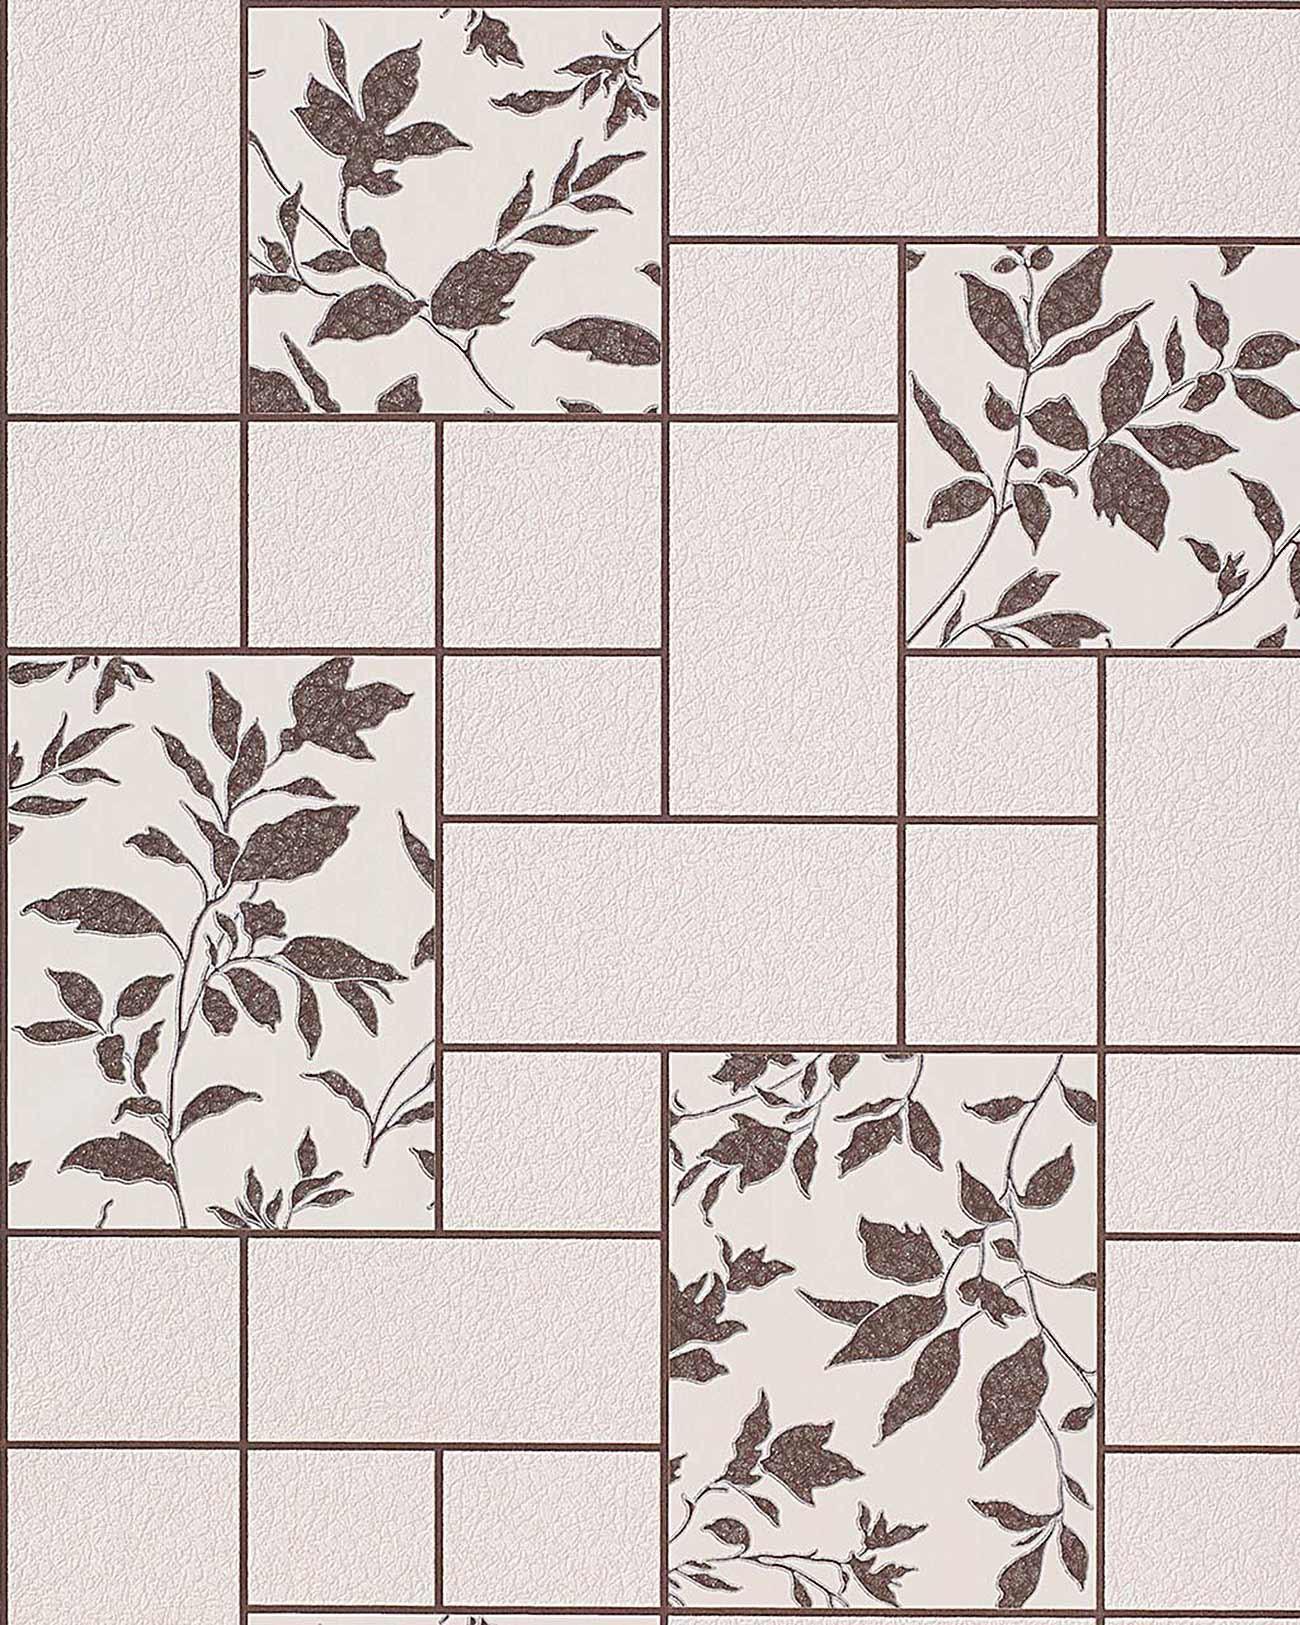 papel pintado con diseo floral de azulejos para cocina y bao edem en beige y marrn oscuro